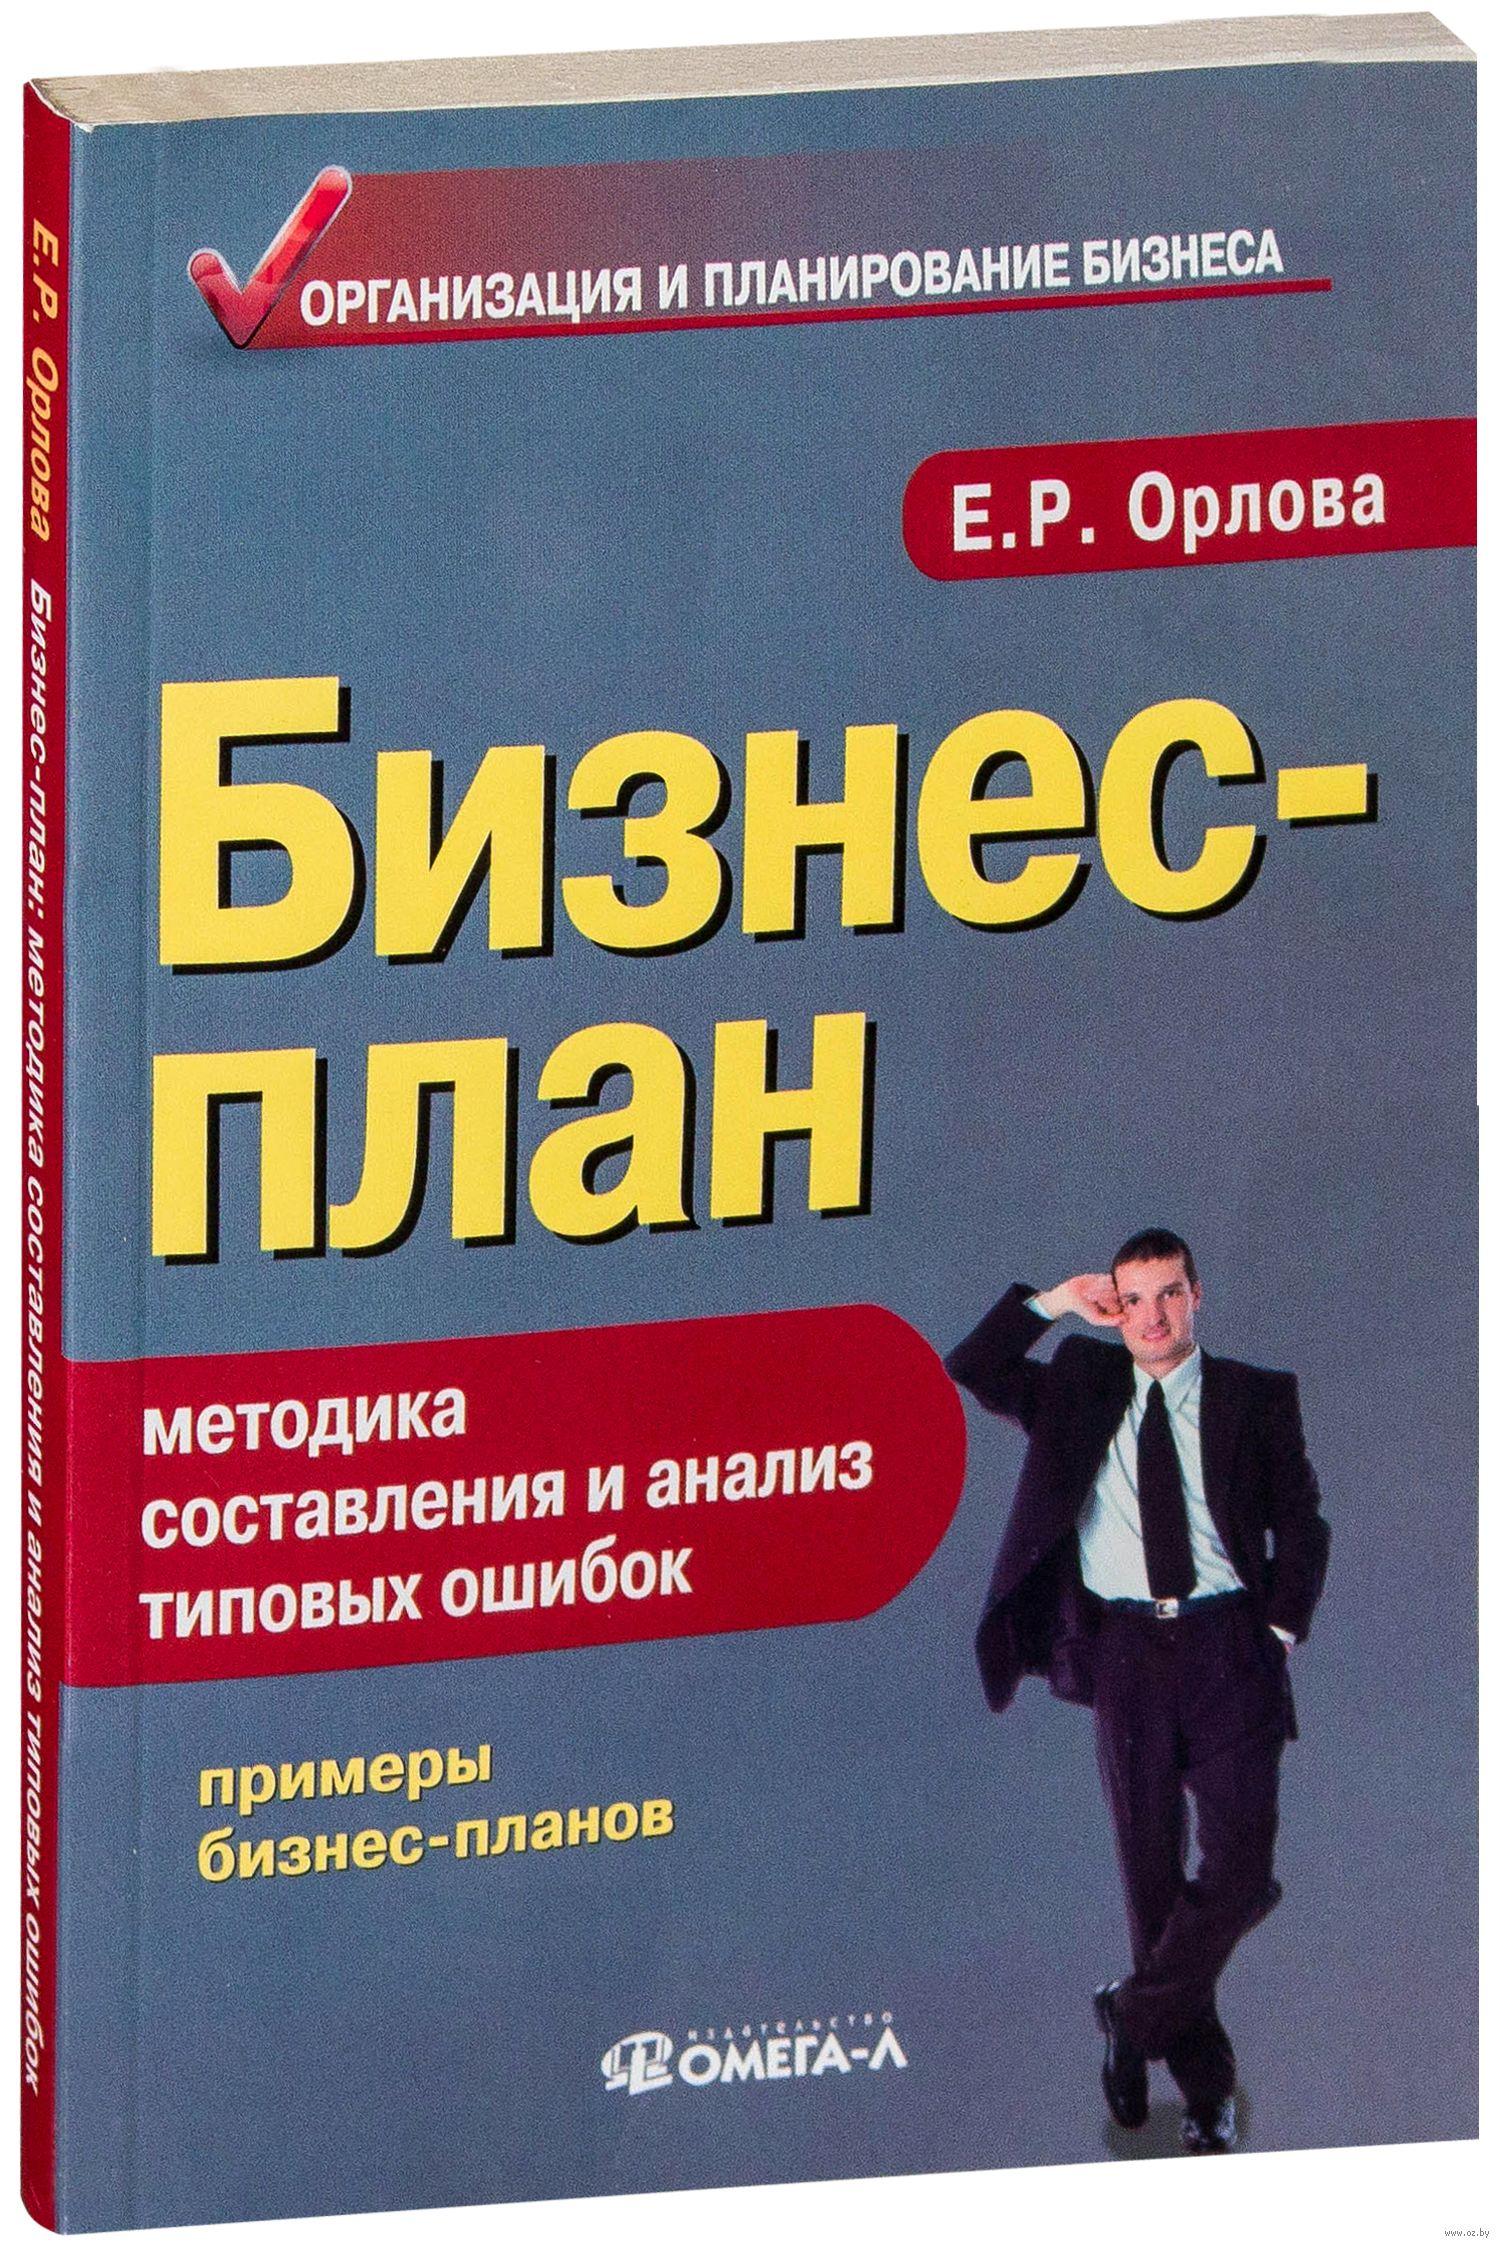 Книга бизнес планы бизнес план изготовление косметики